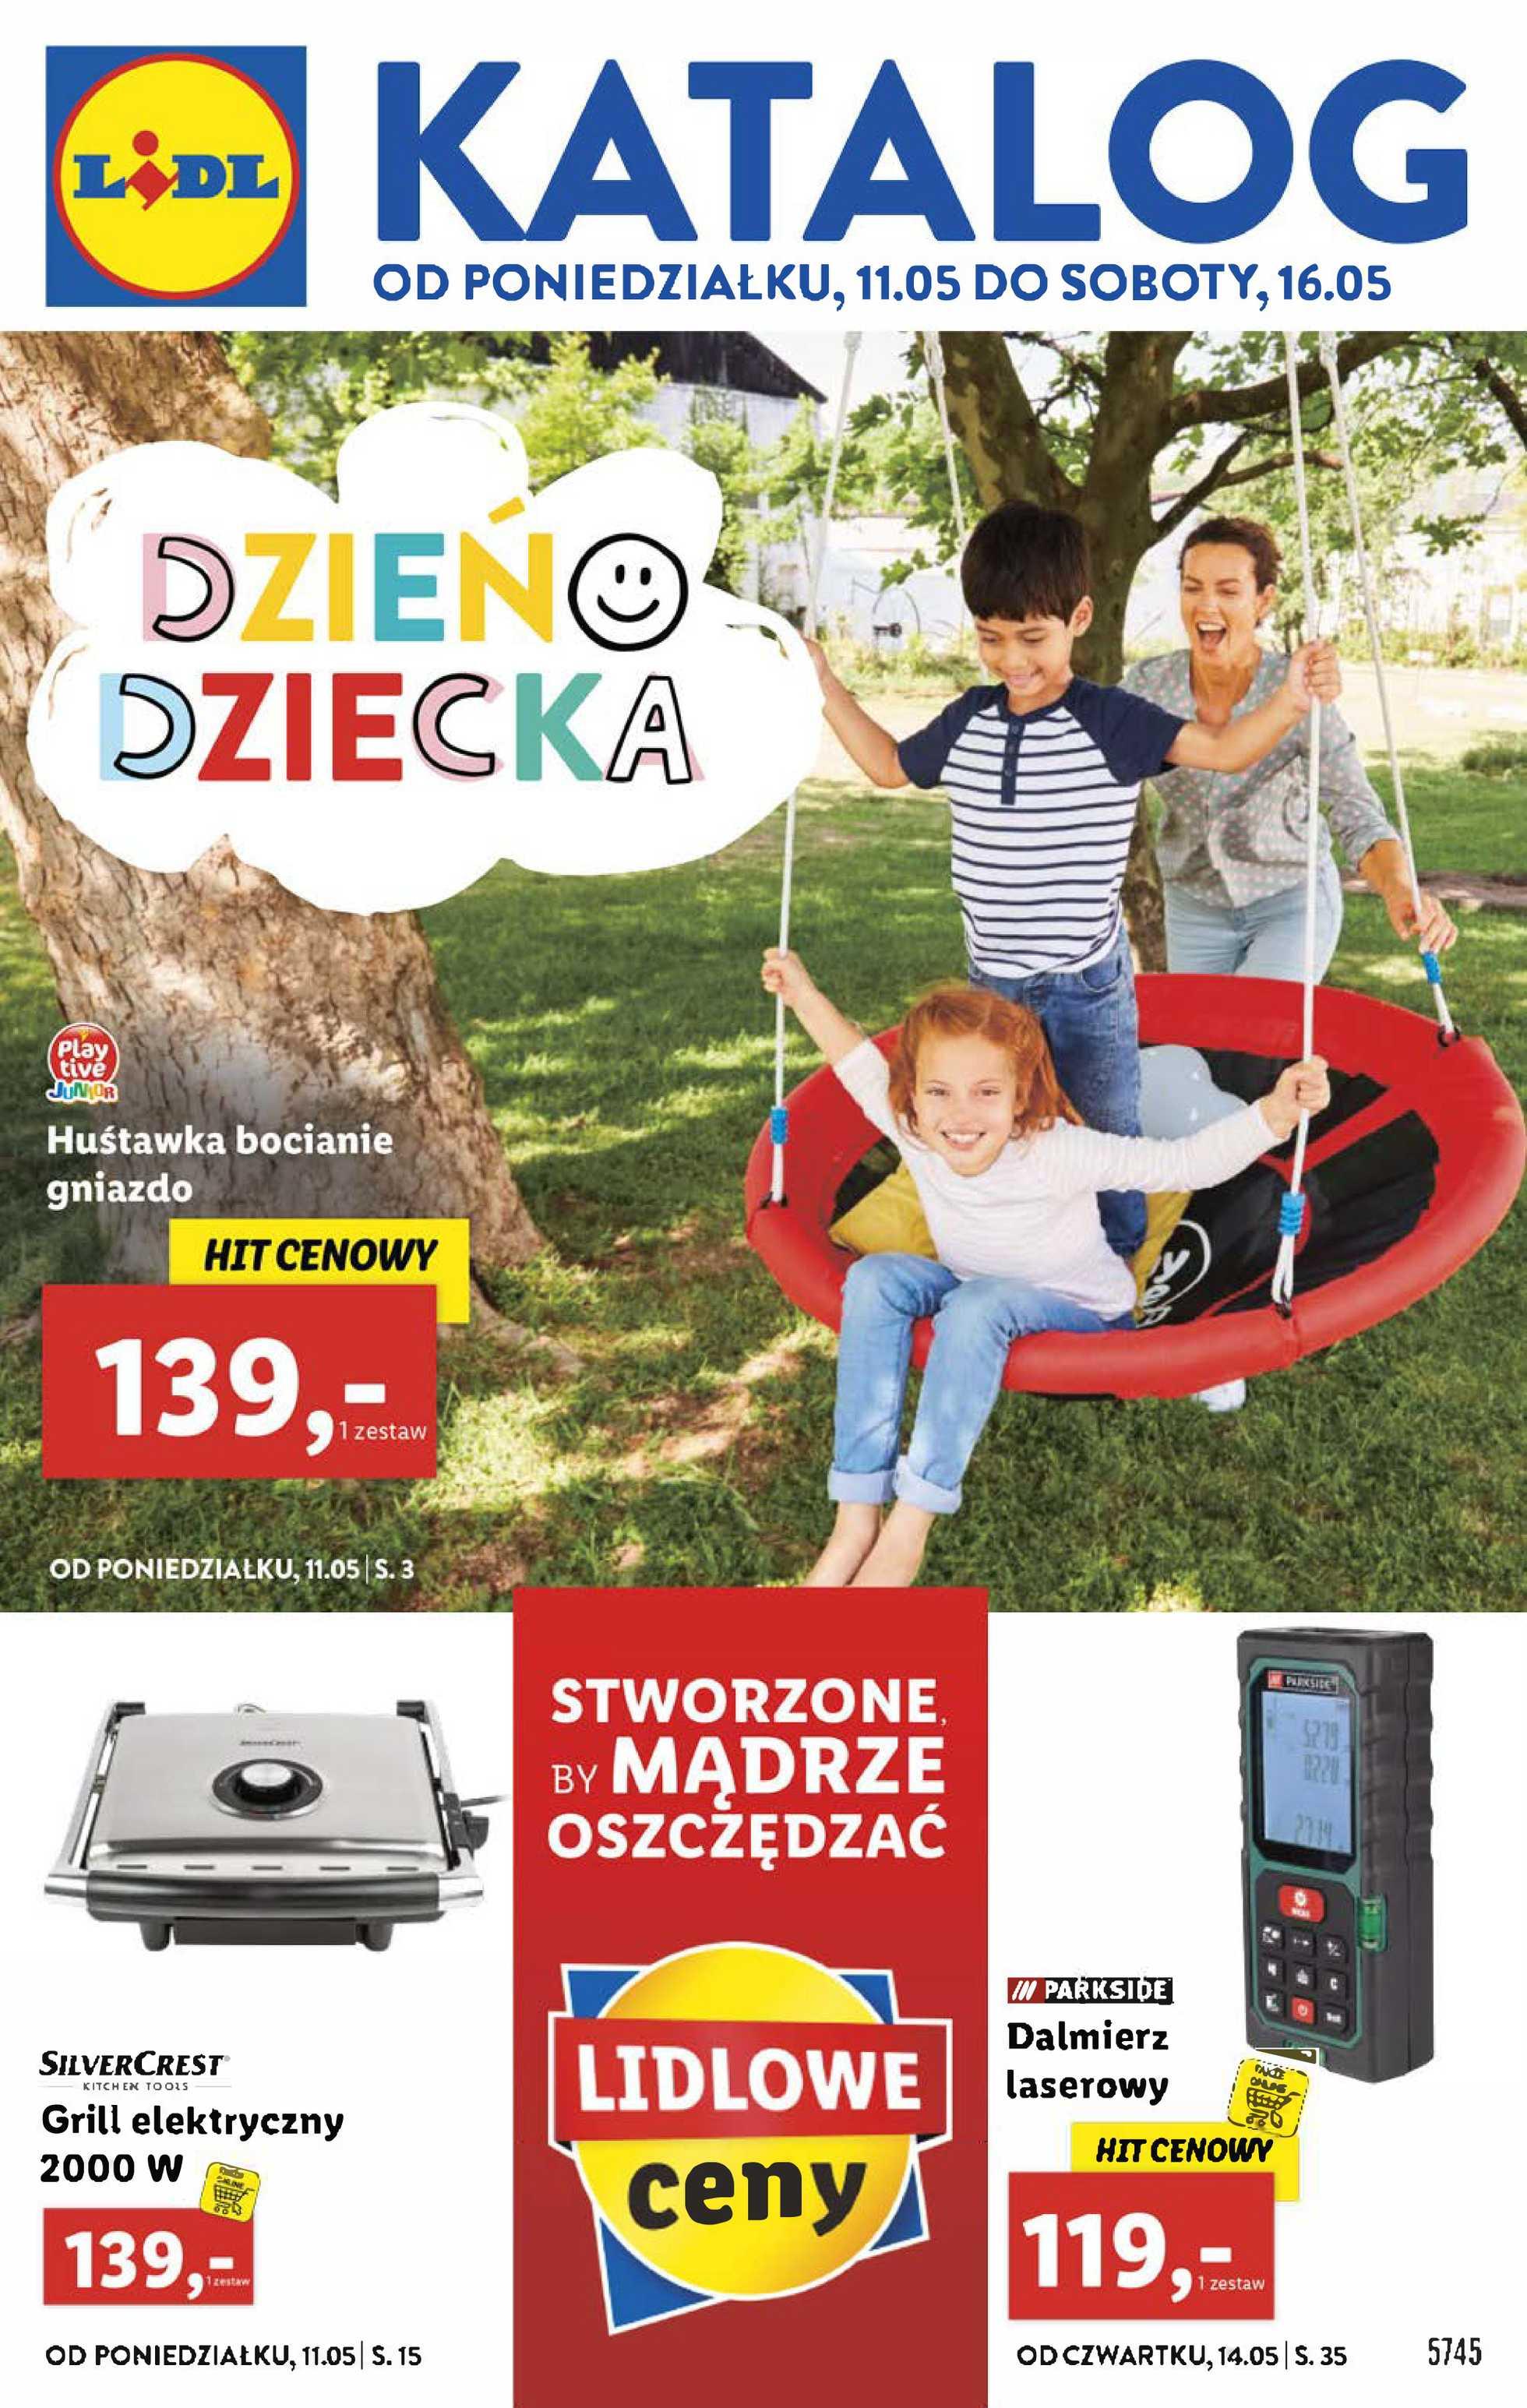 Lidl - gazetka promocyjna ważna od 11.05.2020 do 16.05.2020 - strona 1.